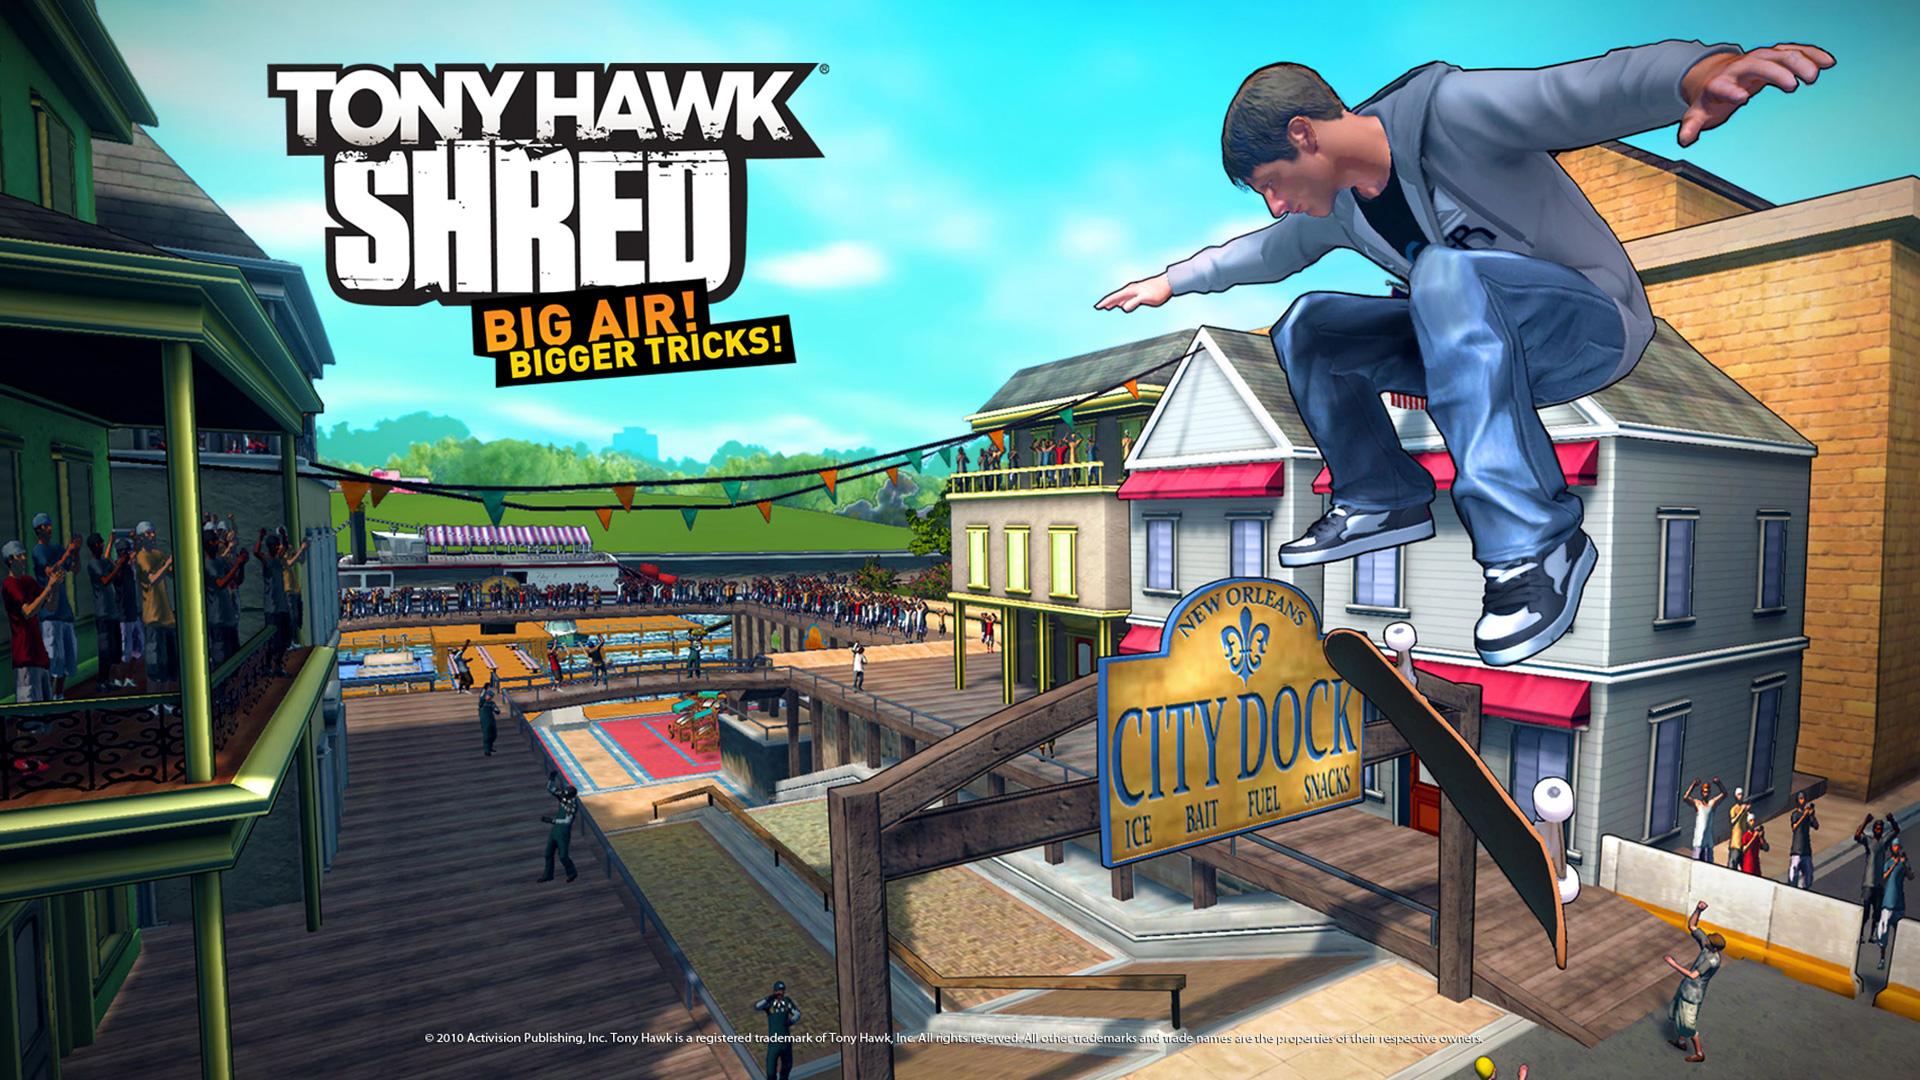 Free Tony Hawk: Shred Wallpaper in 1920x1080